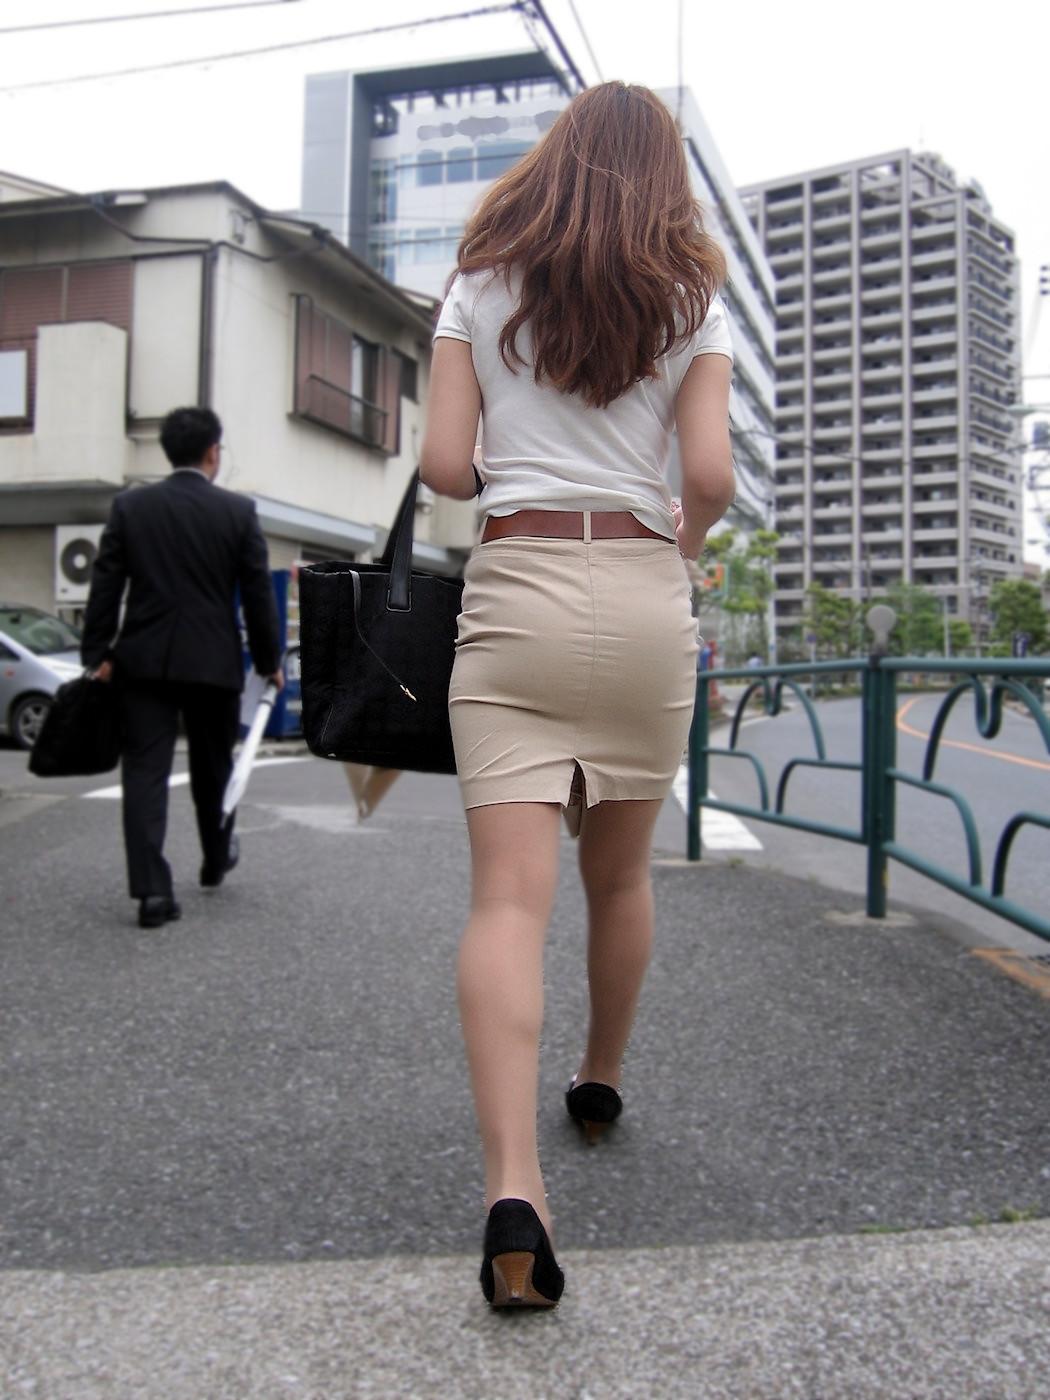 働く女性のお尻とか胸チラしてるOL画像くださいwwwwwwwwwwwwwwww MVmdvWs